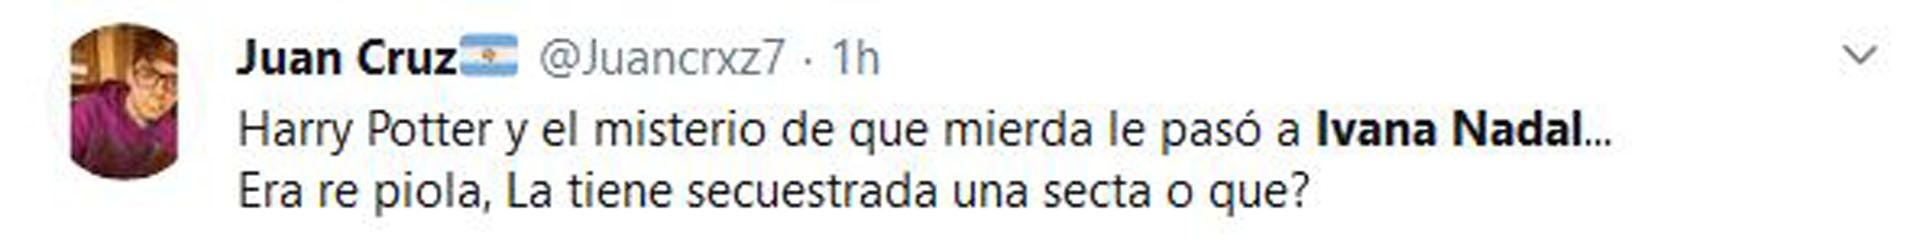 Algunas de las críticas que recibió Ivana Nadal tras su video (Fotos: Twitter)